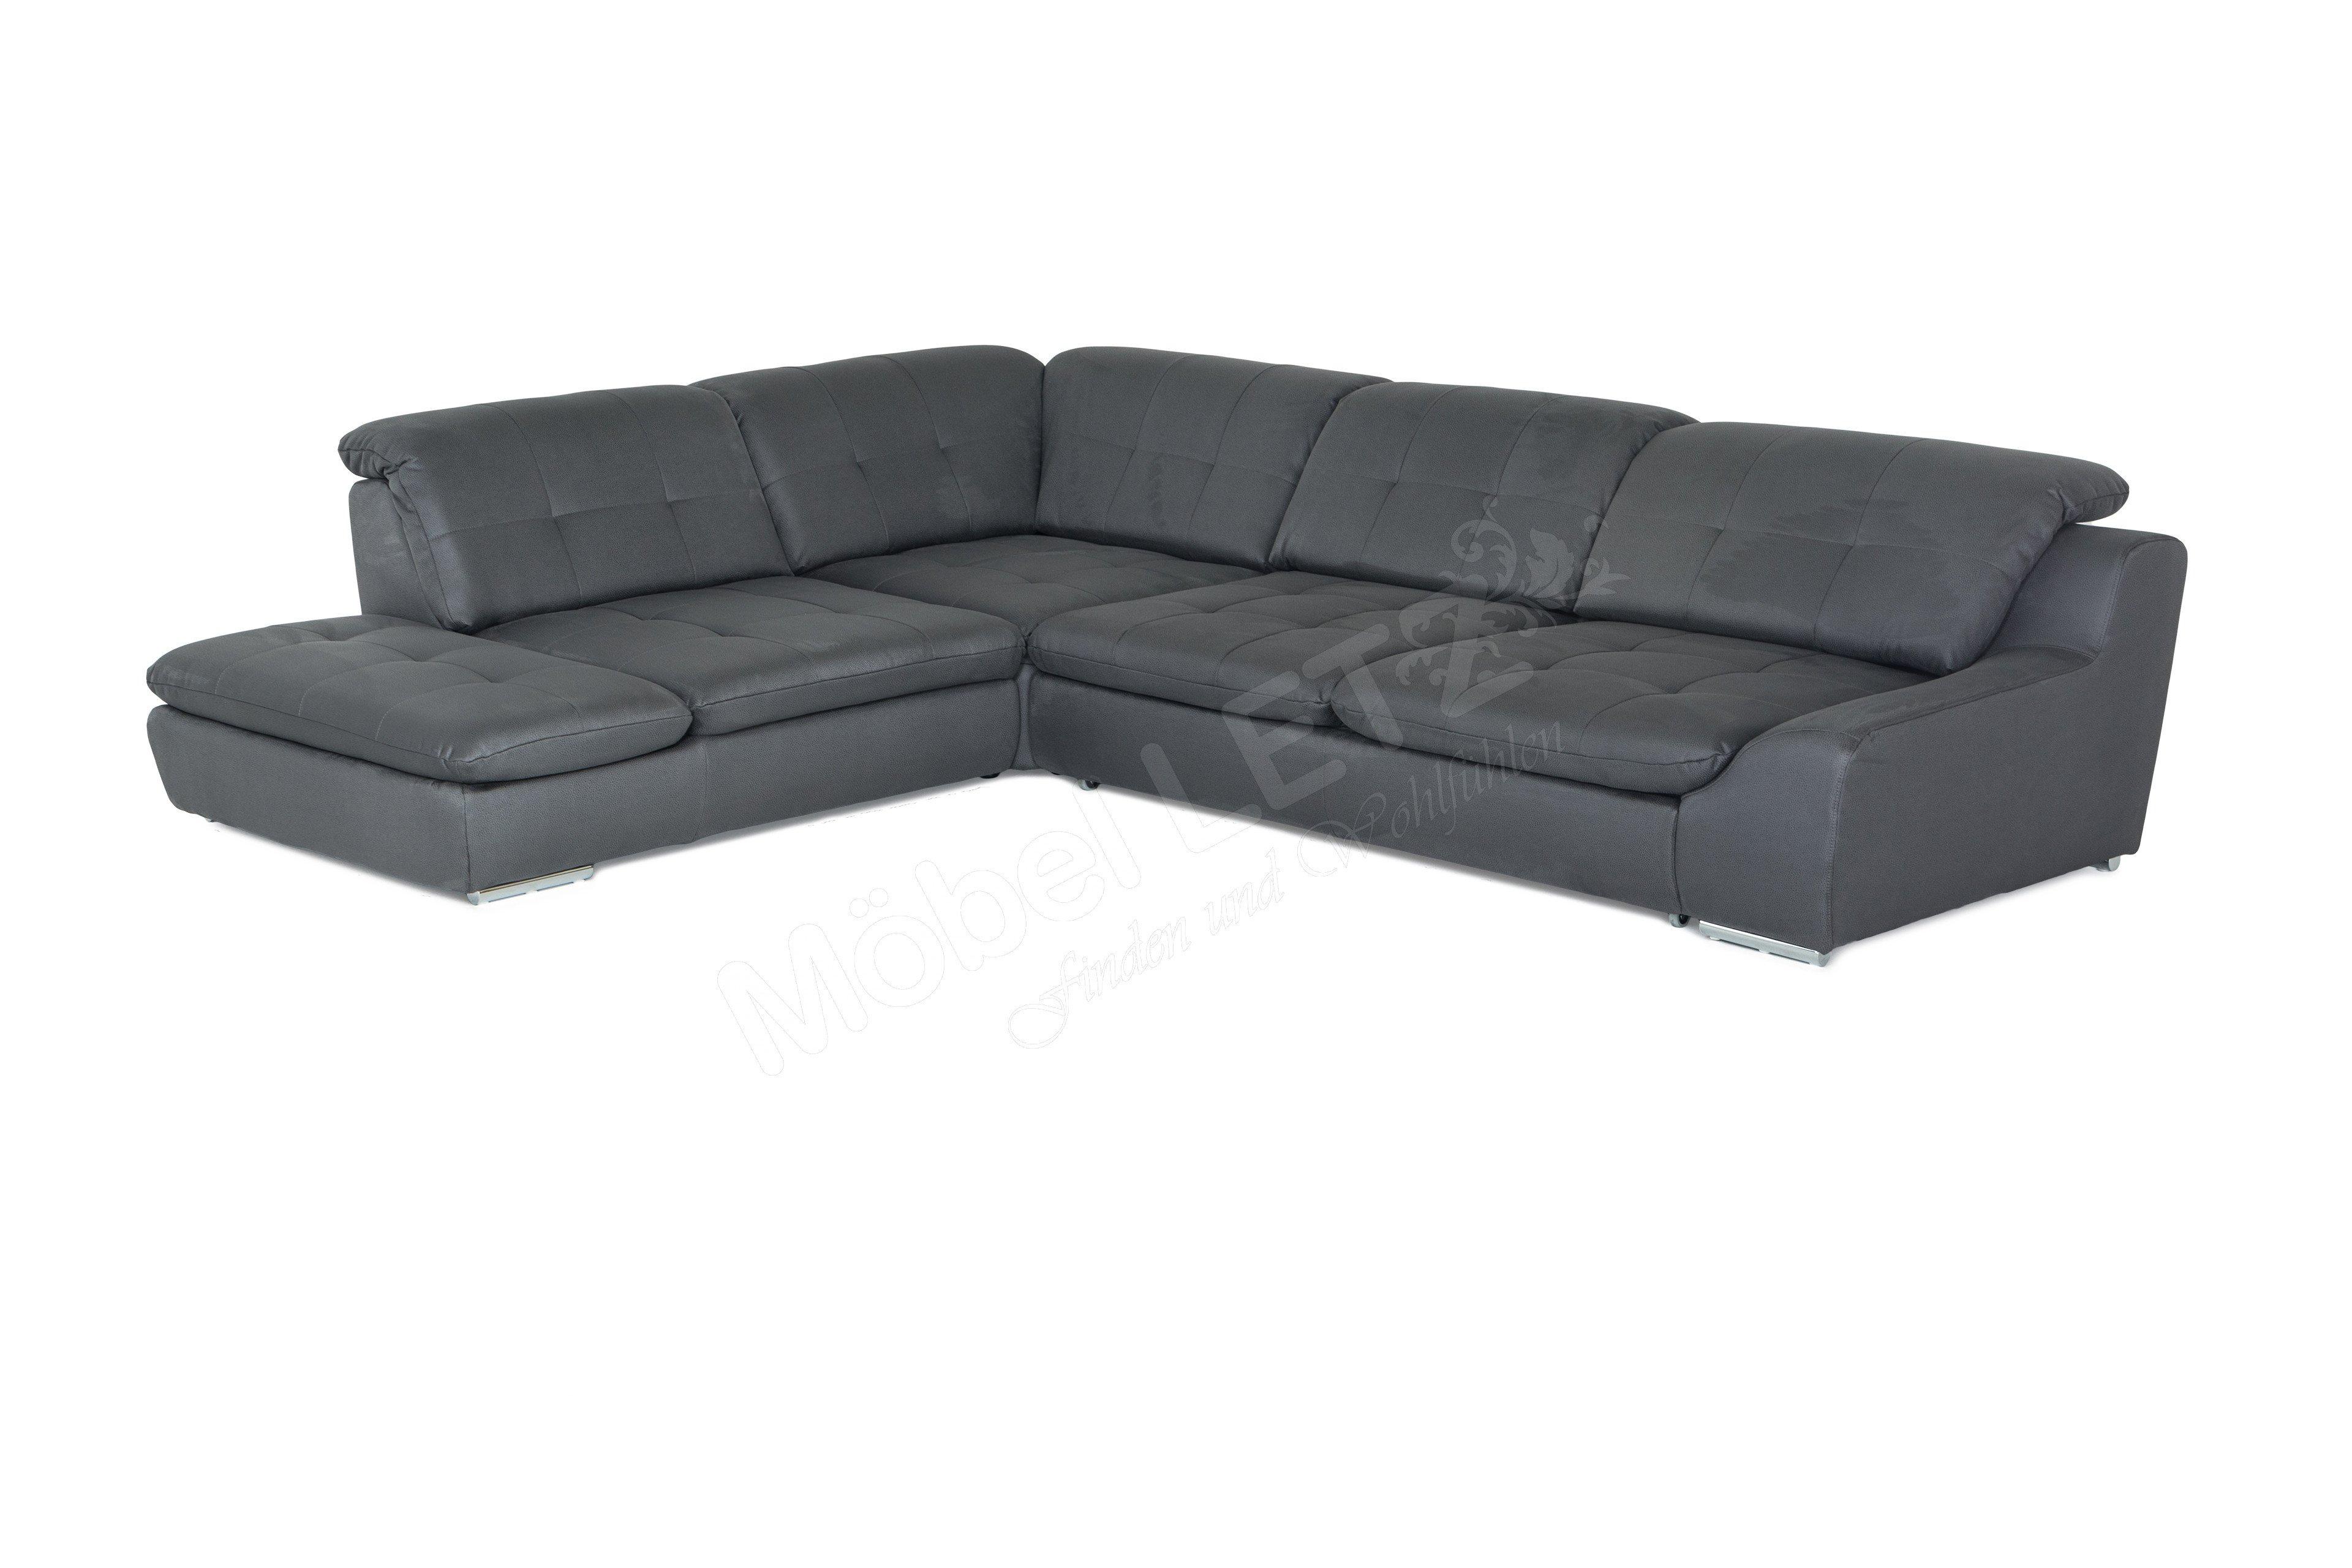 couchgarnitur spike schwarz wei von megapol polsterm bel. Black Bedroom Furniture Sets. Home Design Ideas